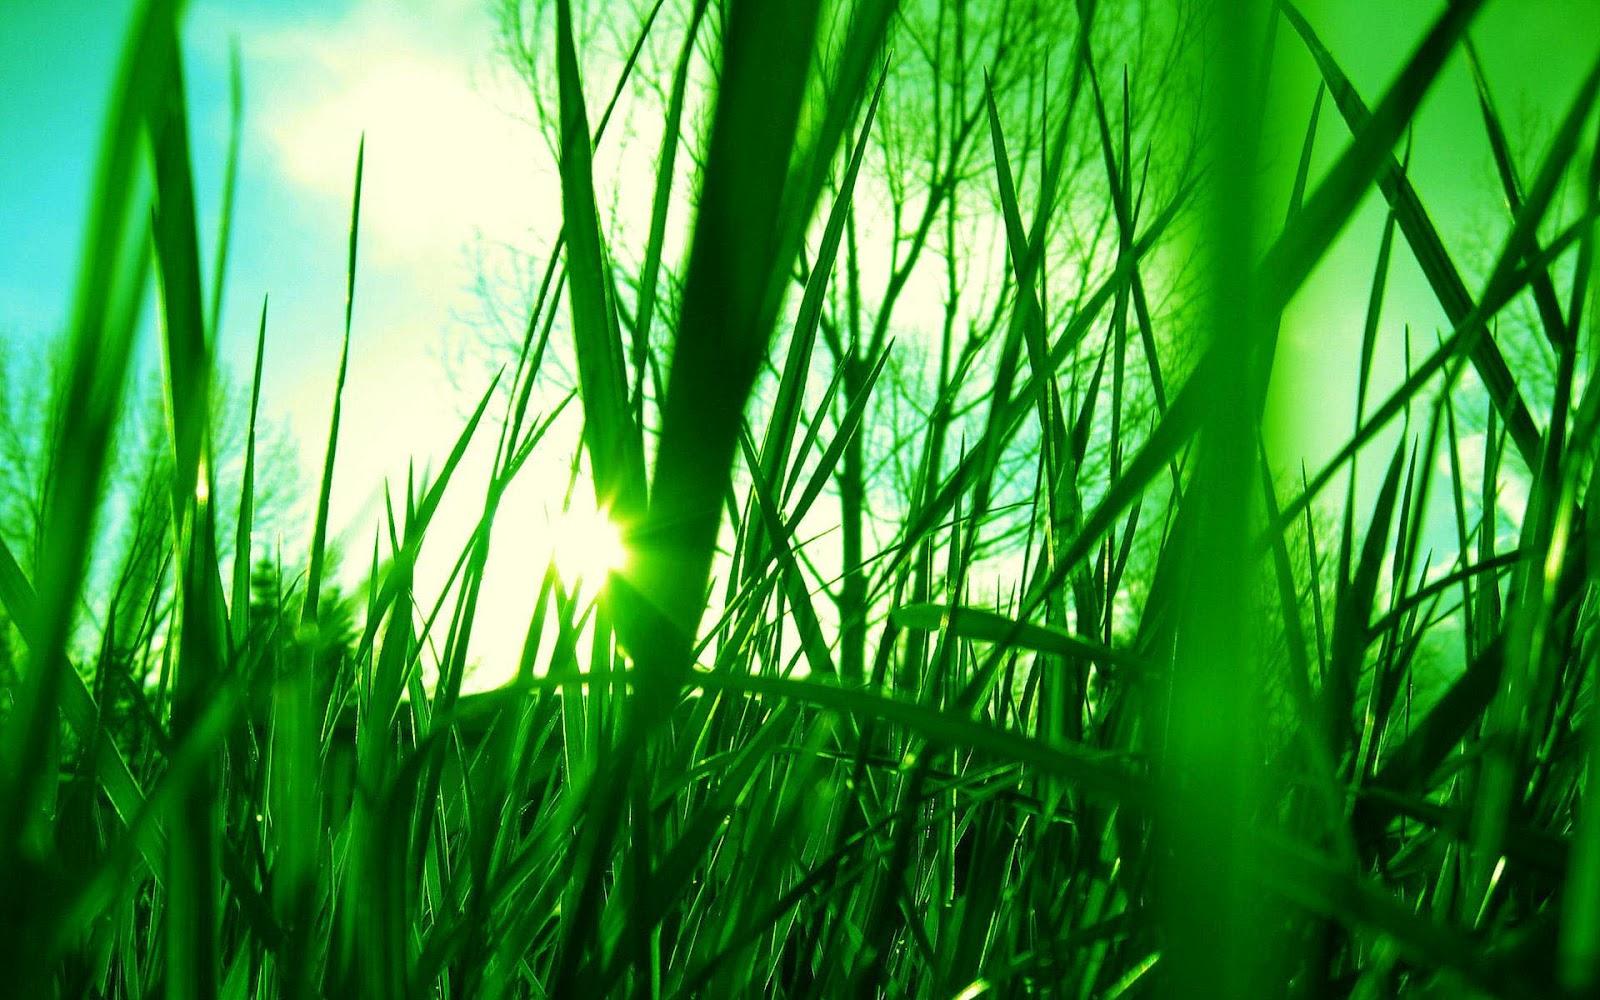 green bird - HD Desktop Wallpapers | 4k HD